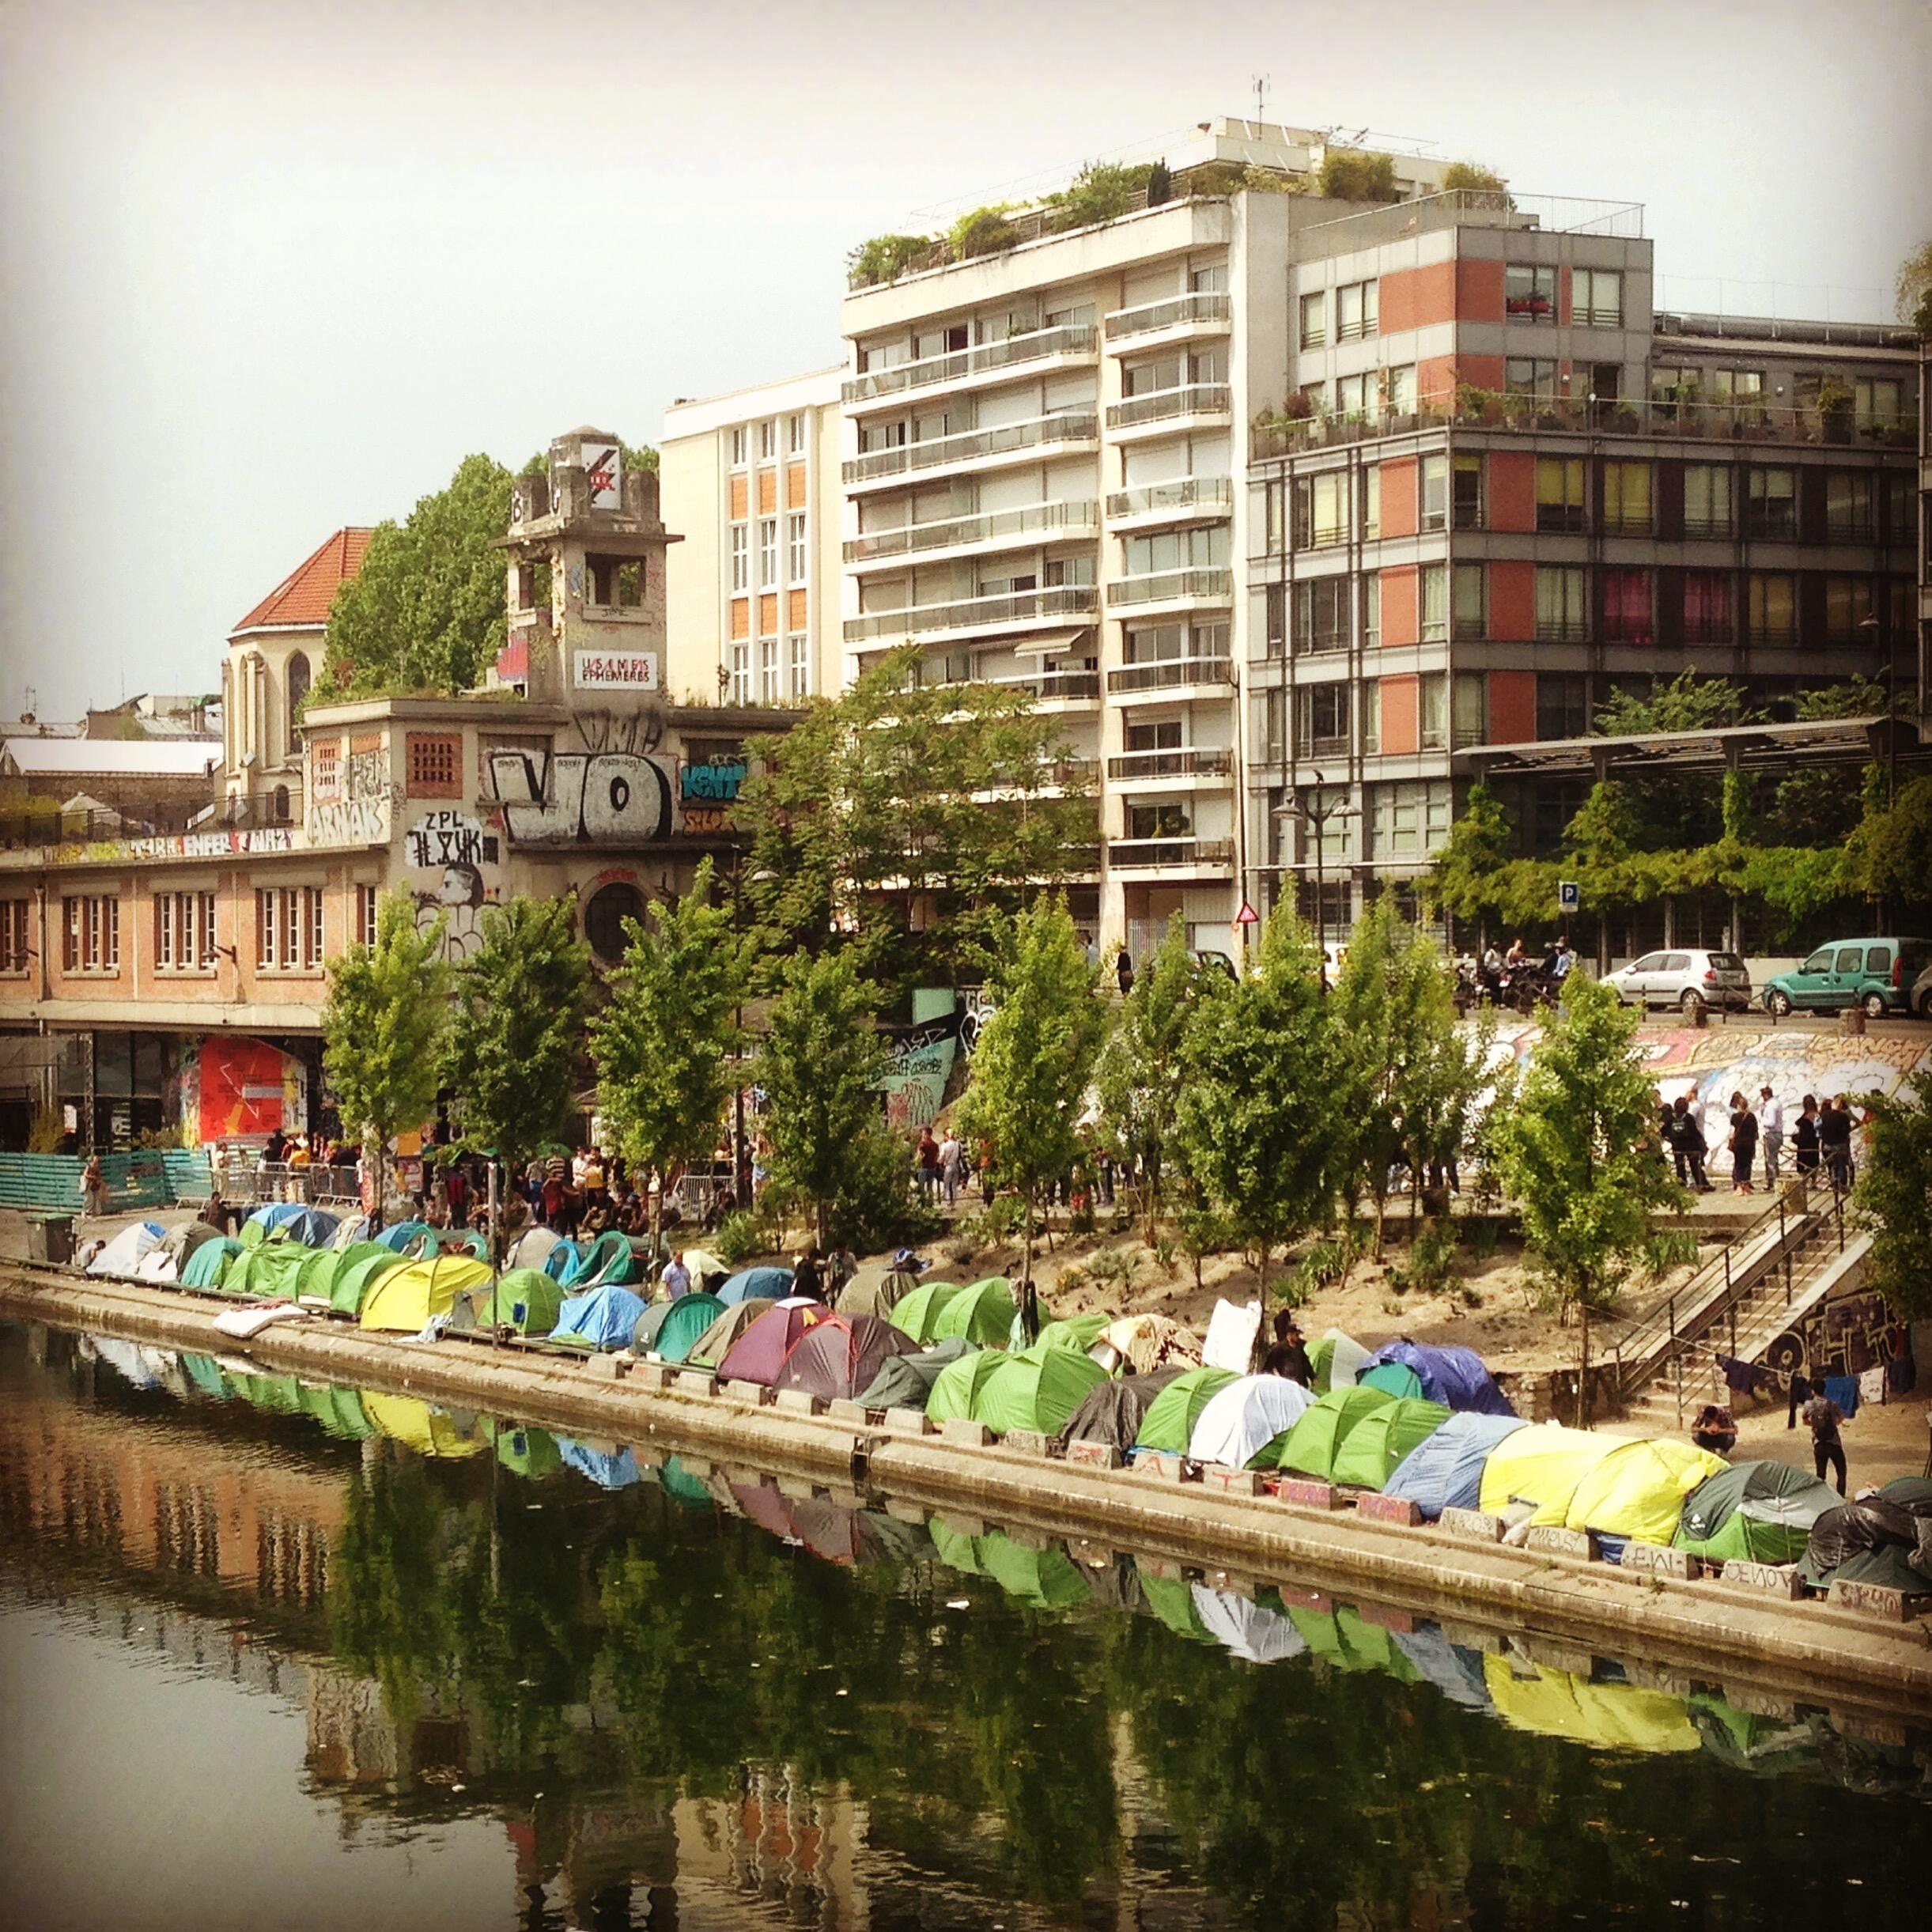 O acampamento de migrantes do canal Saint-Martin, no nordeste de Paris, reúne centenas de pessoas.